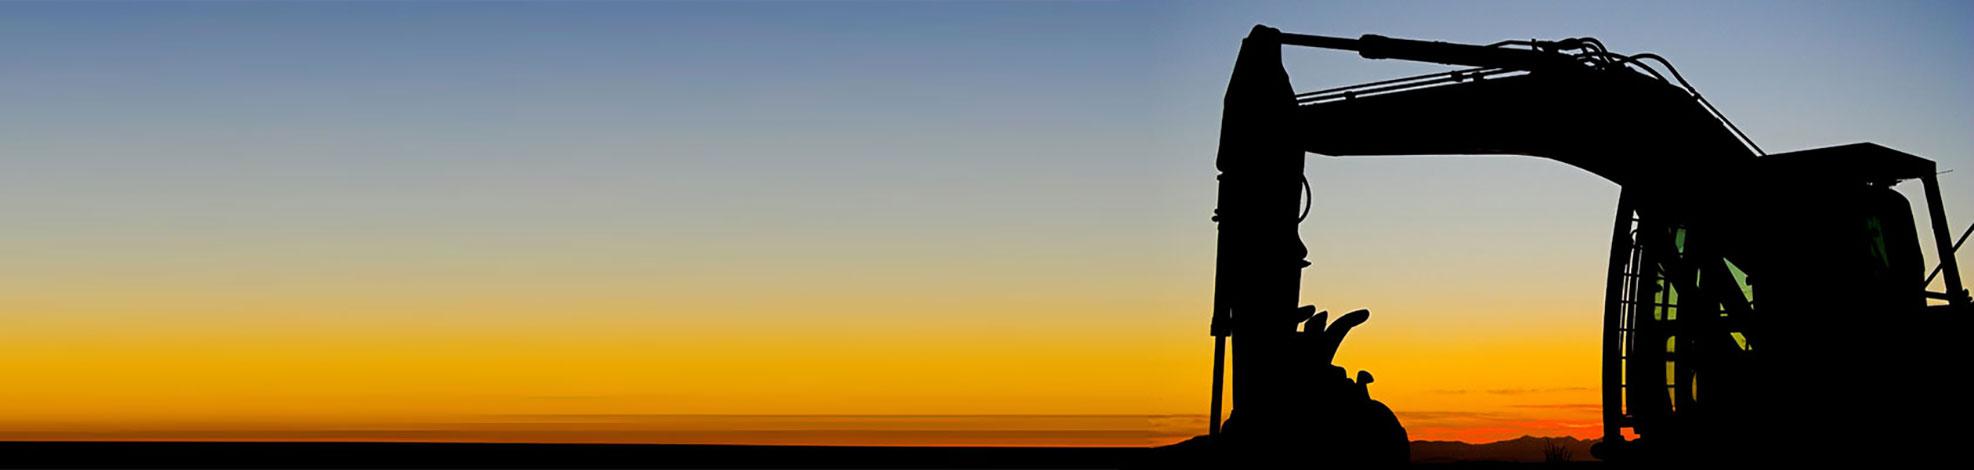 backhoe at sunset